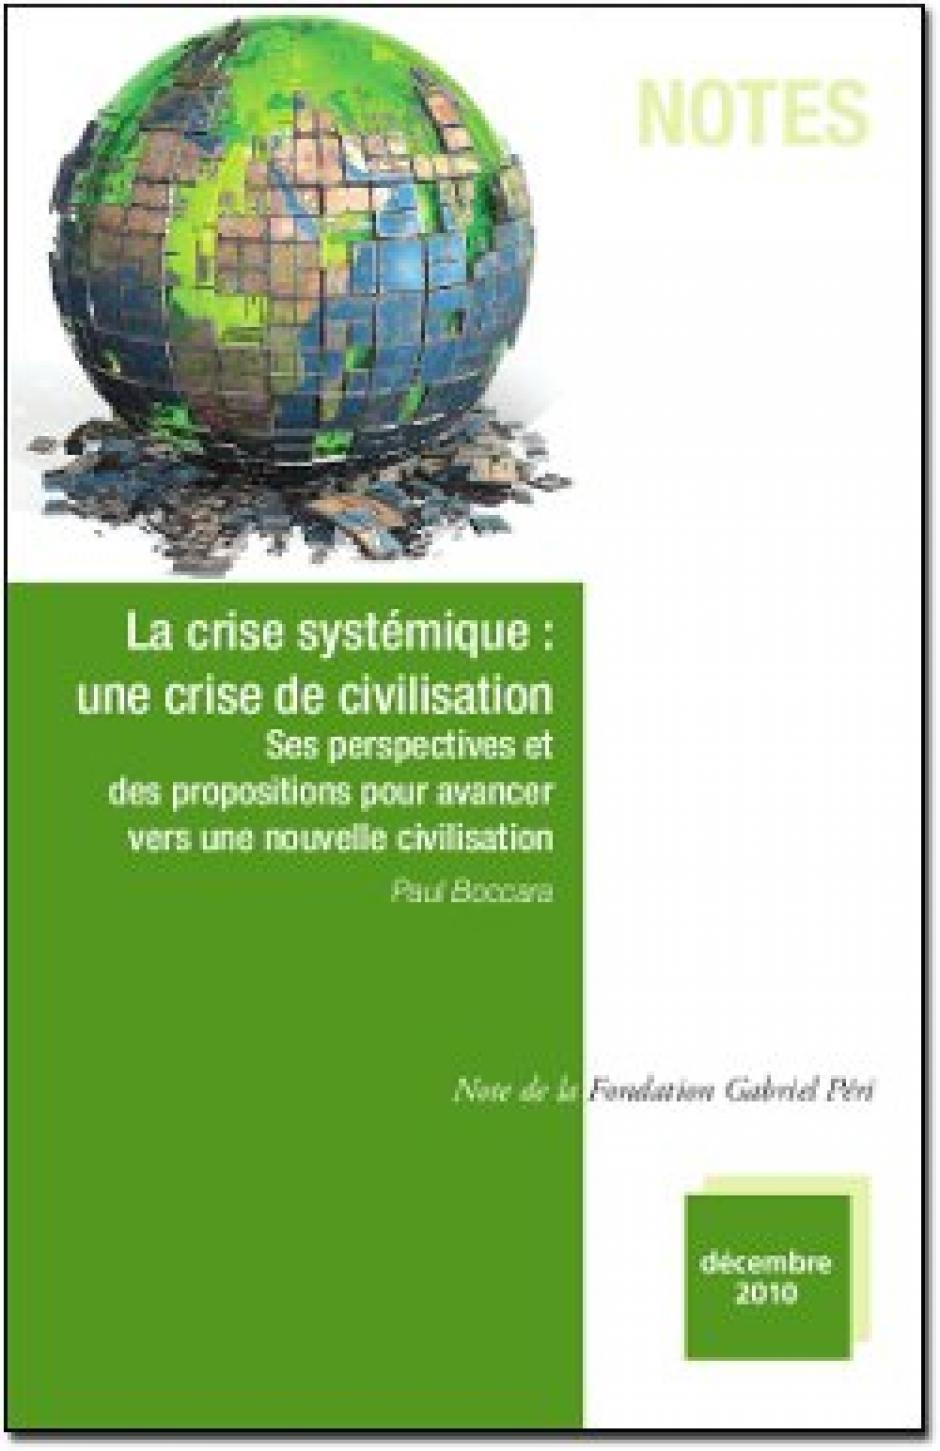 La crise systémique, une crise de cilivsation - avancer vers une nouvelle civilisation - Ouvrage de Paul Boccara